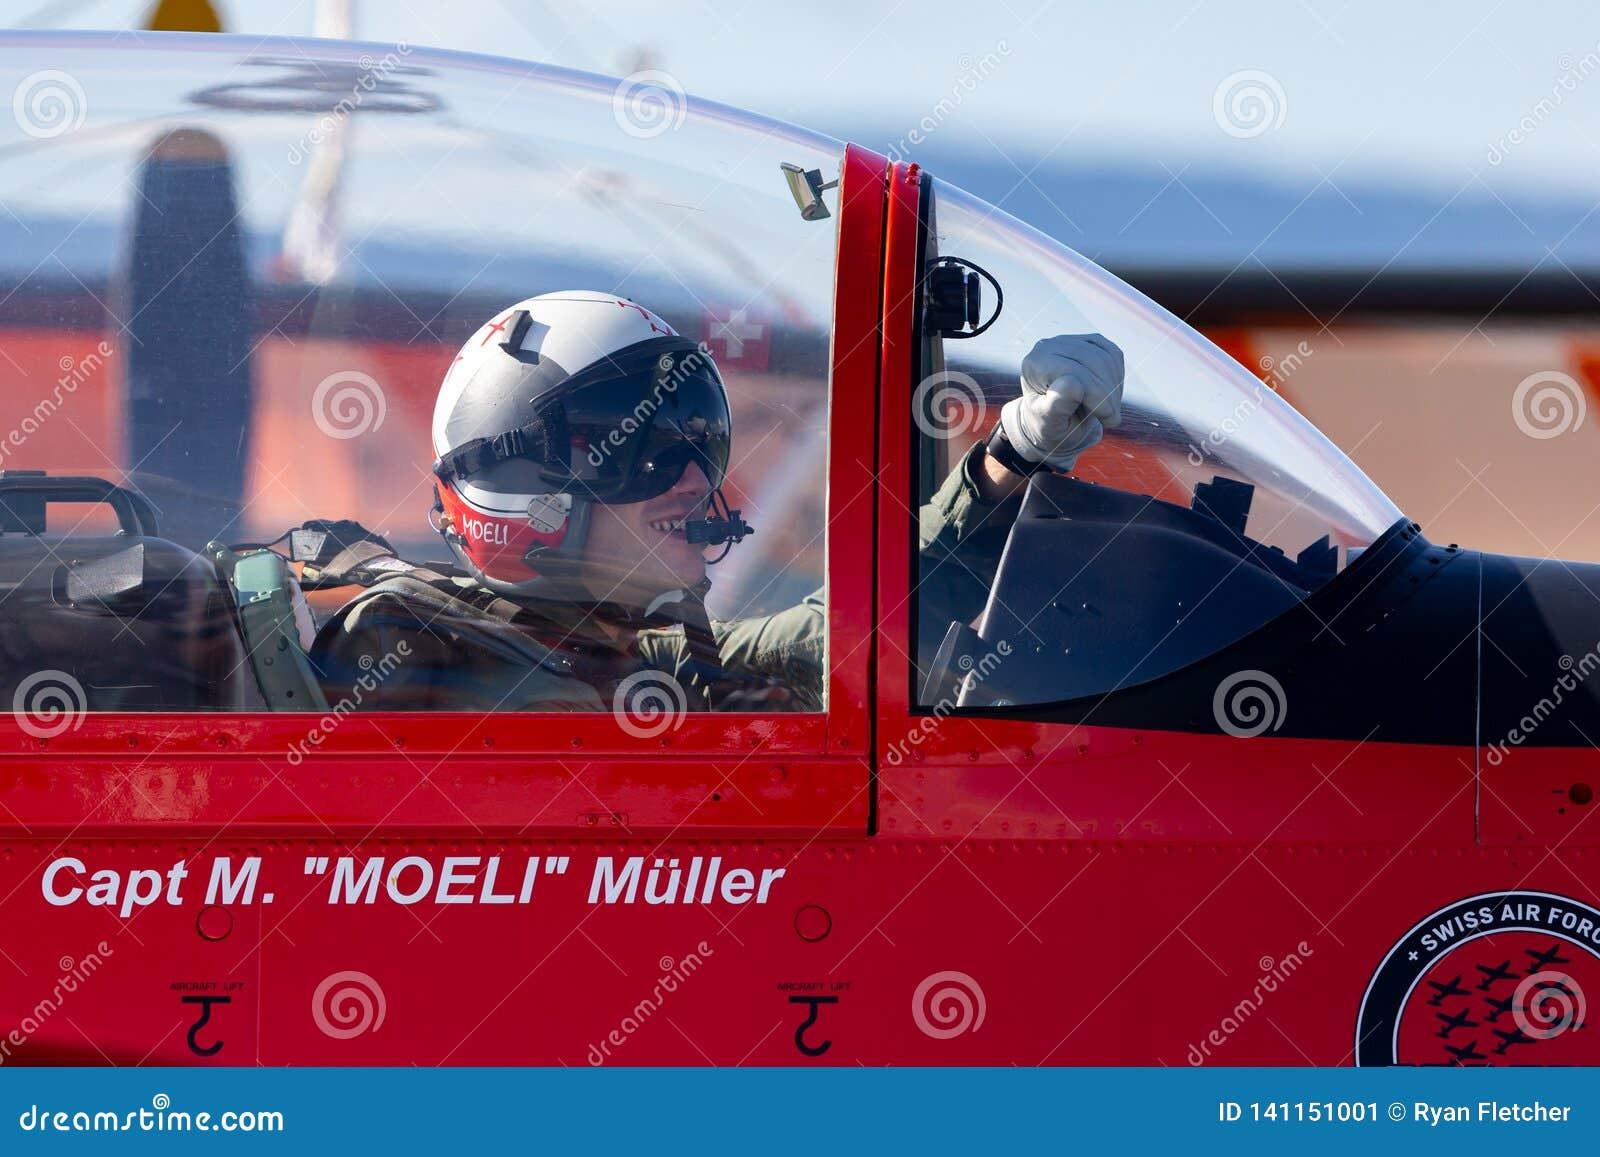 Swiss Air-Kracht proef van PC-7 vertoningsteam in de cockpit van een Pilatus PC-7 trainervliegtuigen